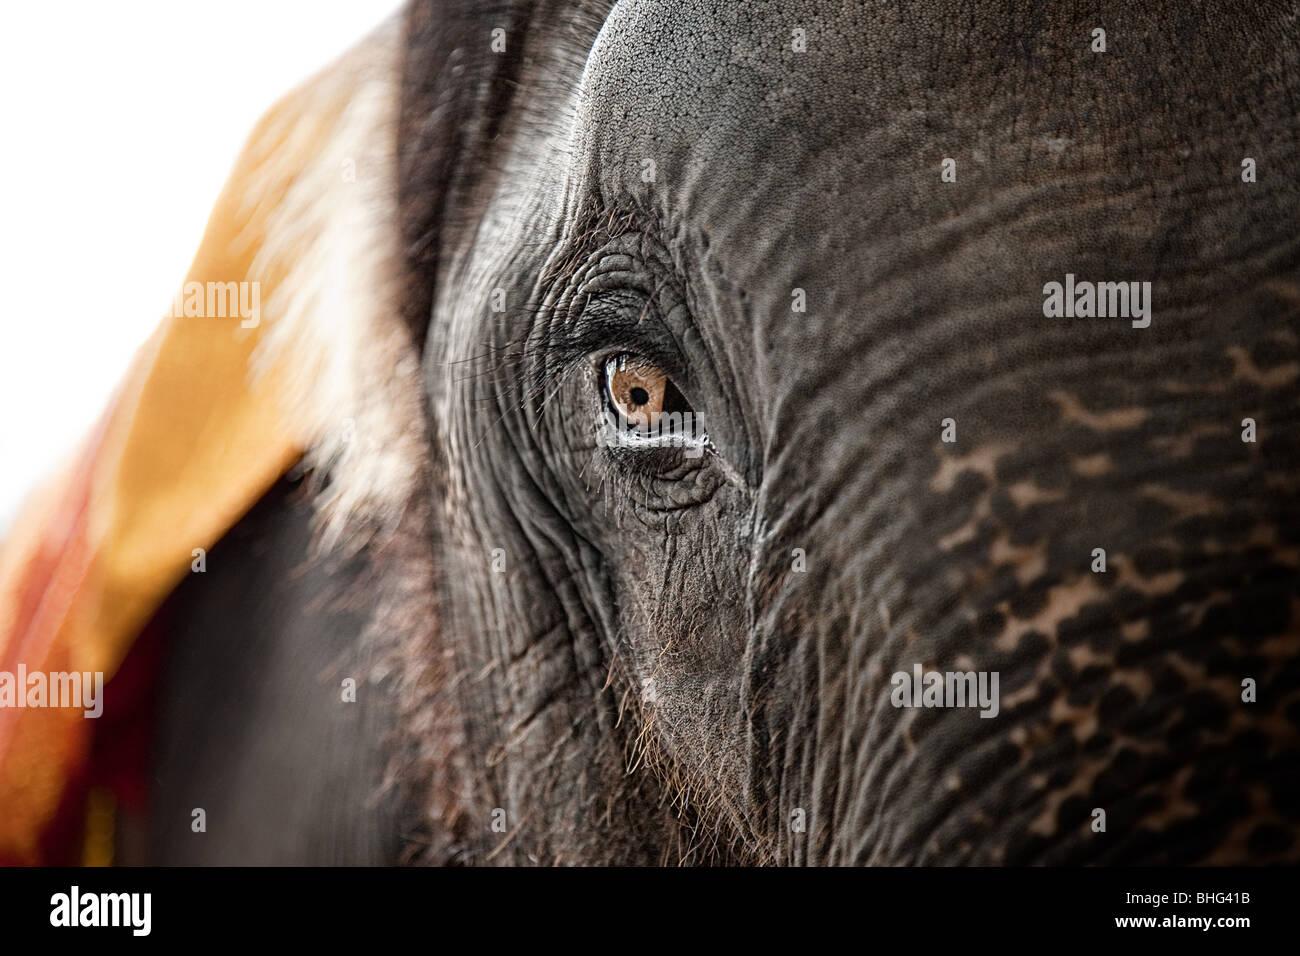 Cerca del ojo de un elefante Imagen De Stock